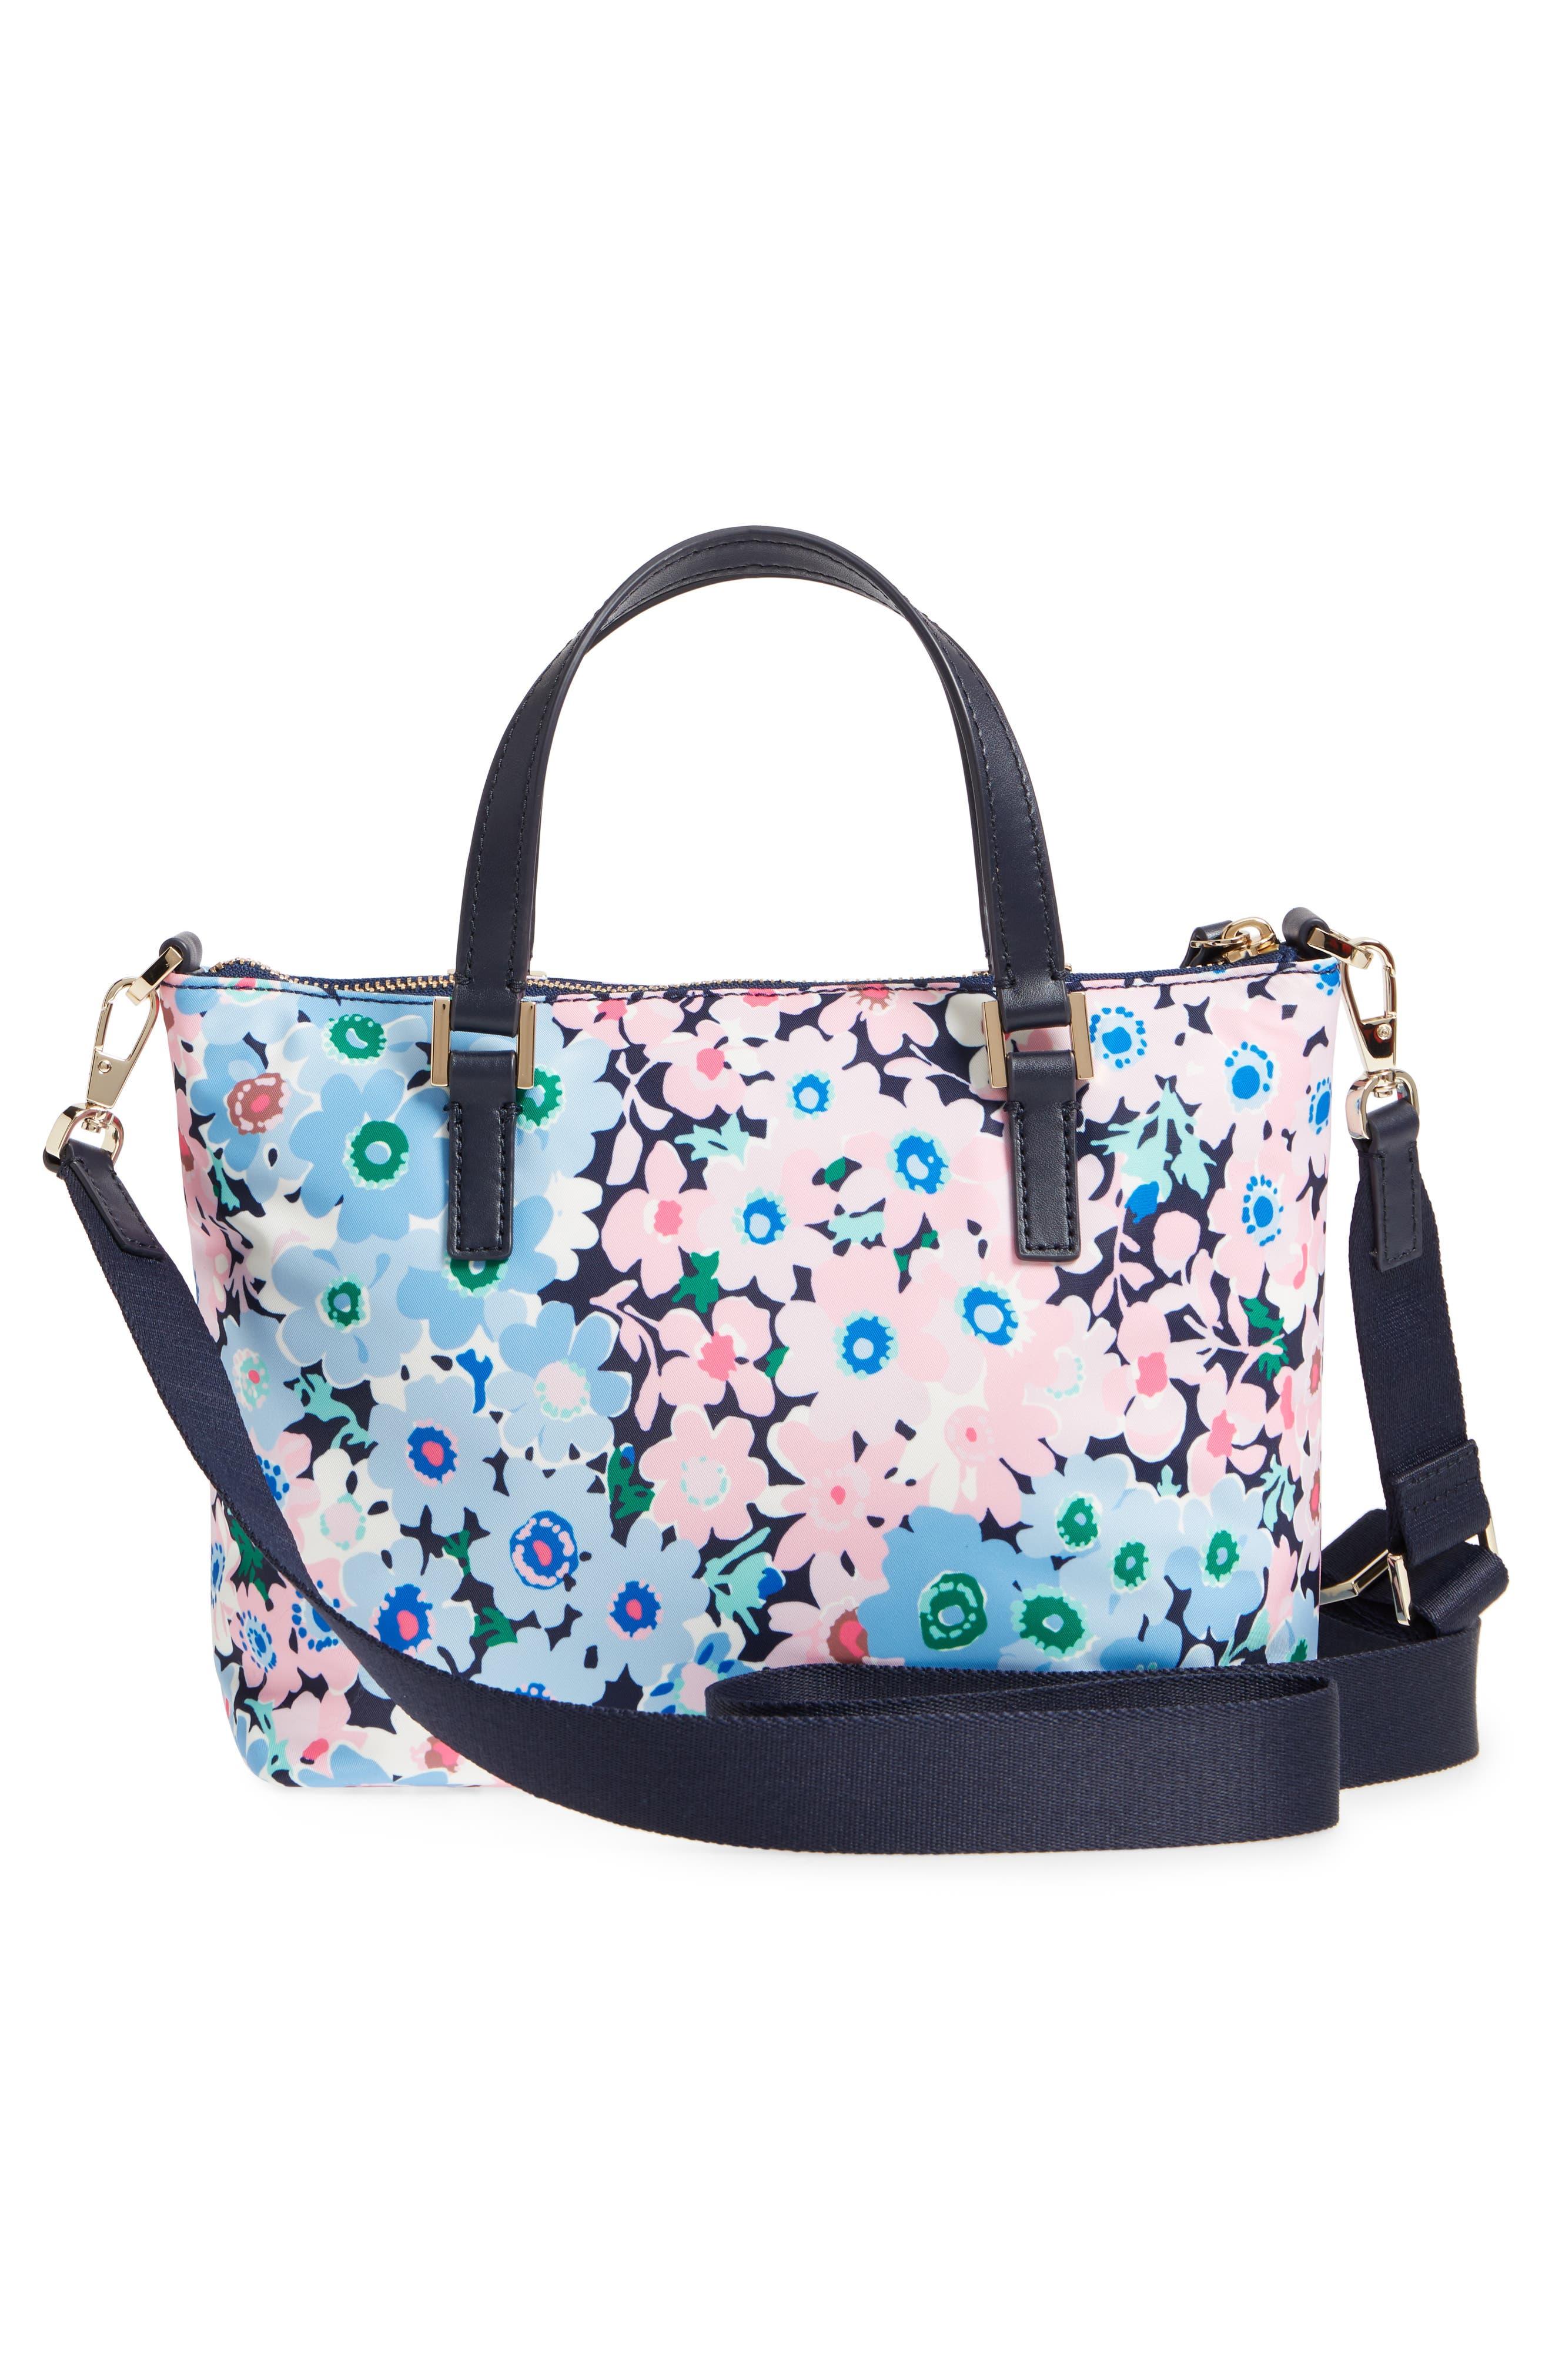 watson lane - daisy garden lucie crossbody bag,                             Alternate thumbnail 3, color,